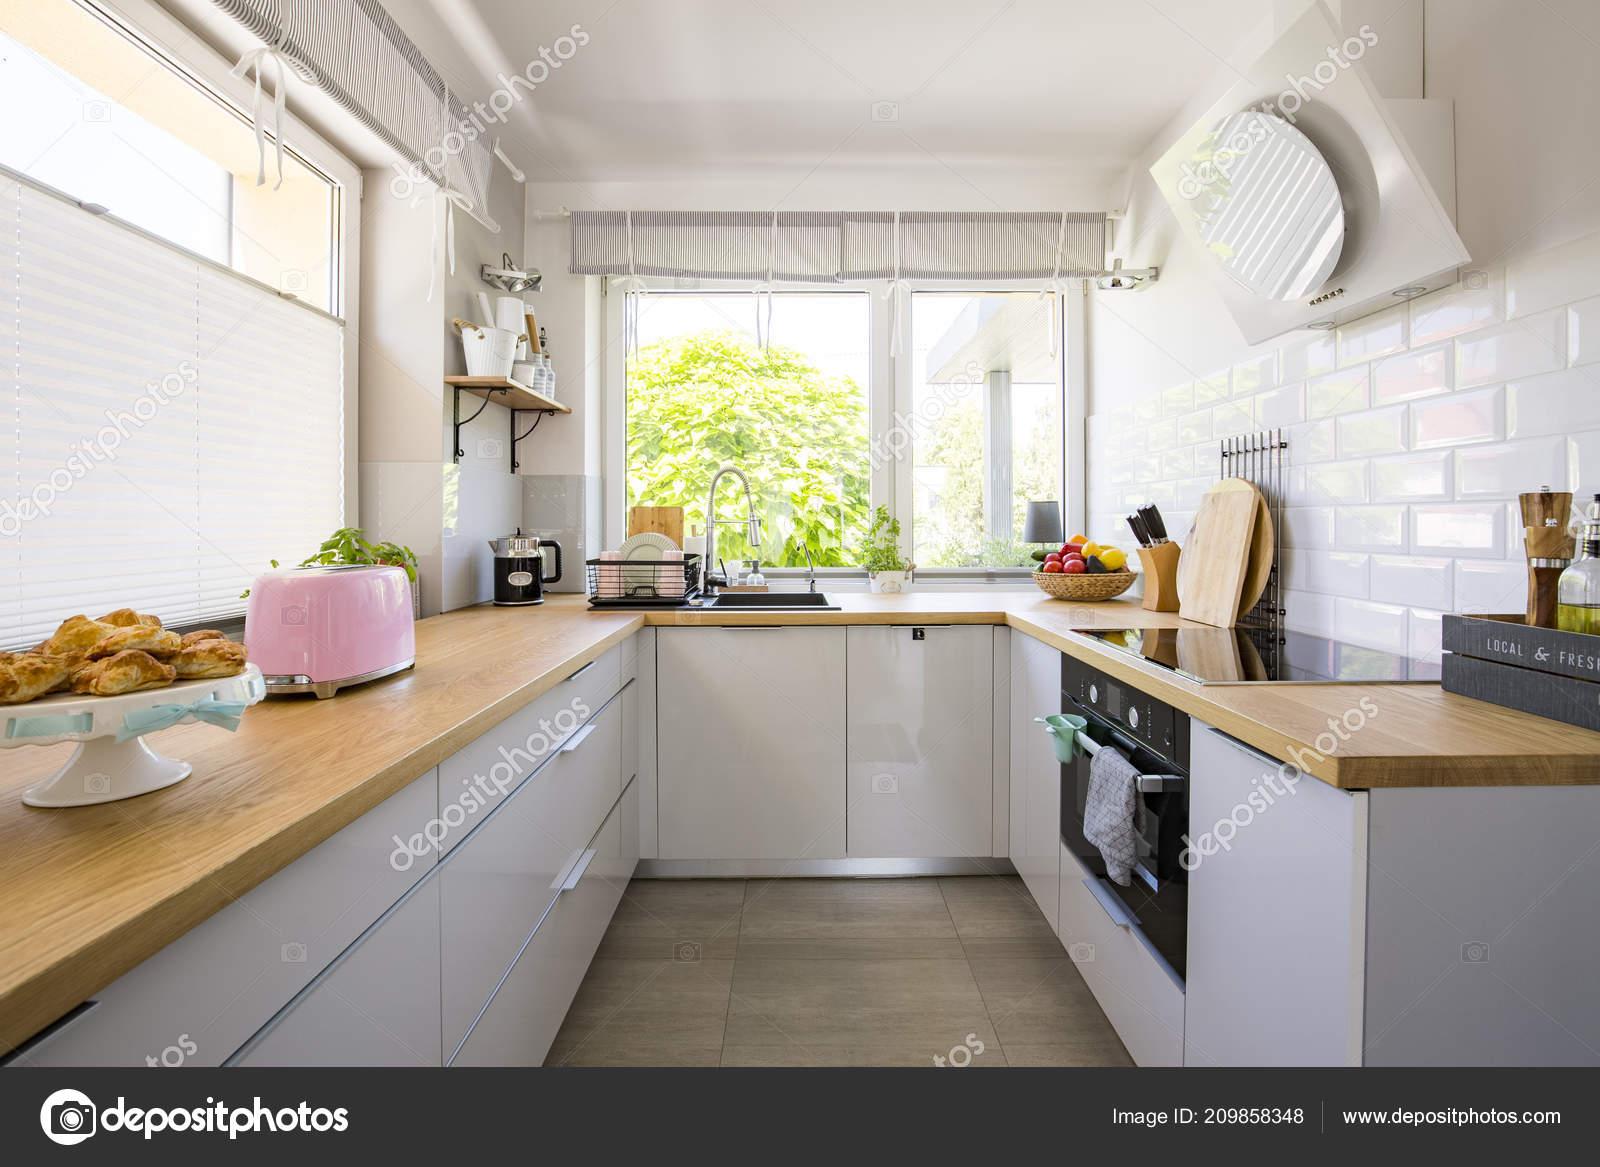 Hervorragend Windows Weißen Küche Interieur Mit Grauen Schränke Und Hölzerne EX07